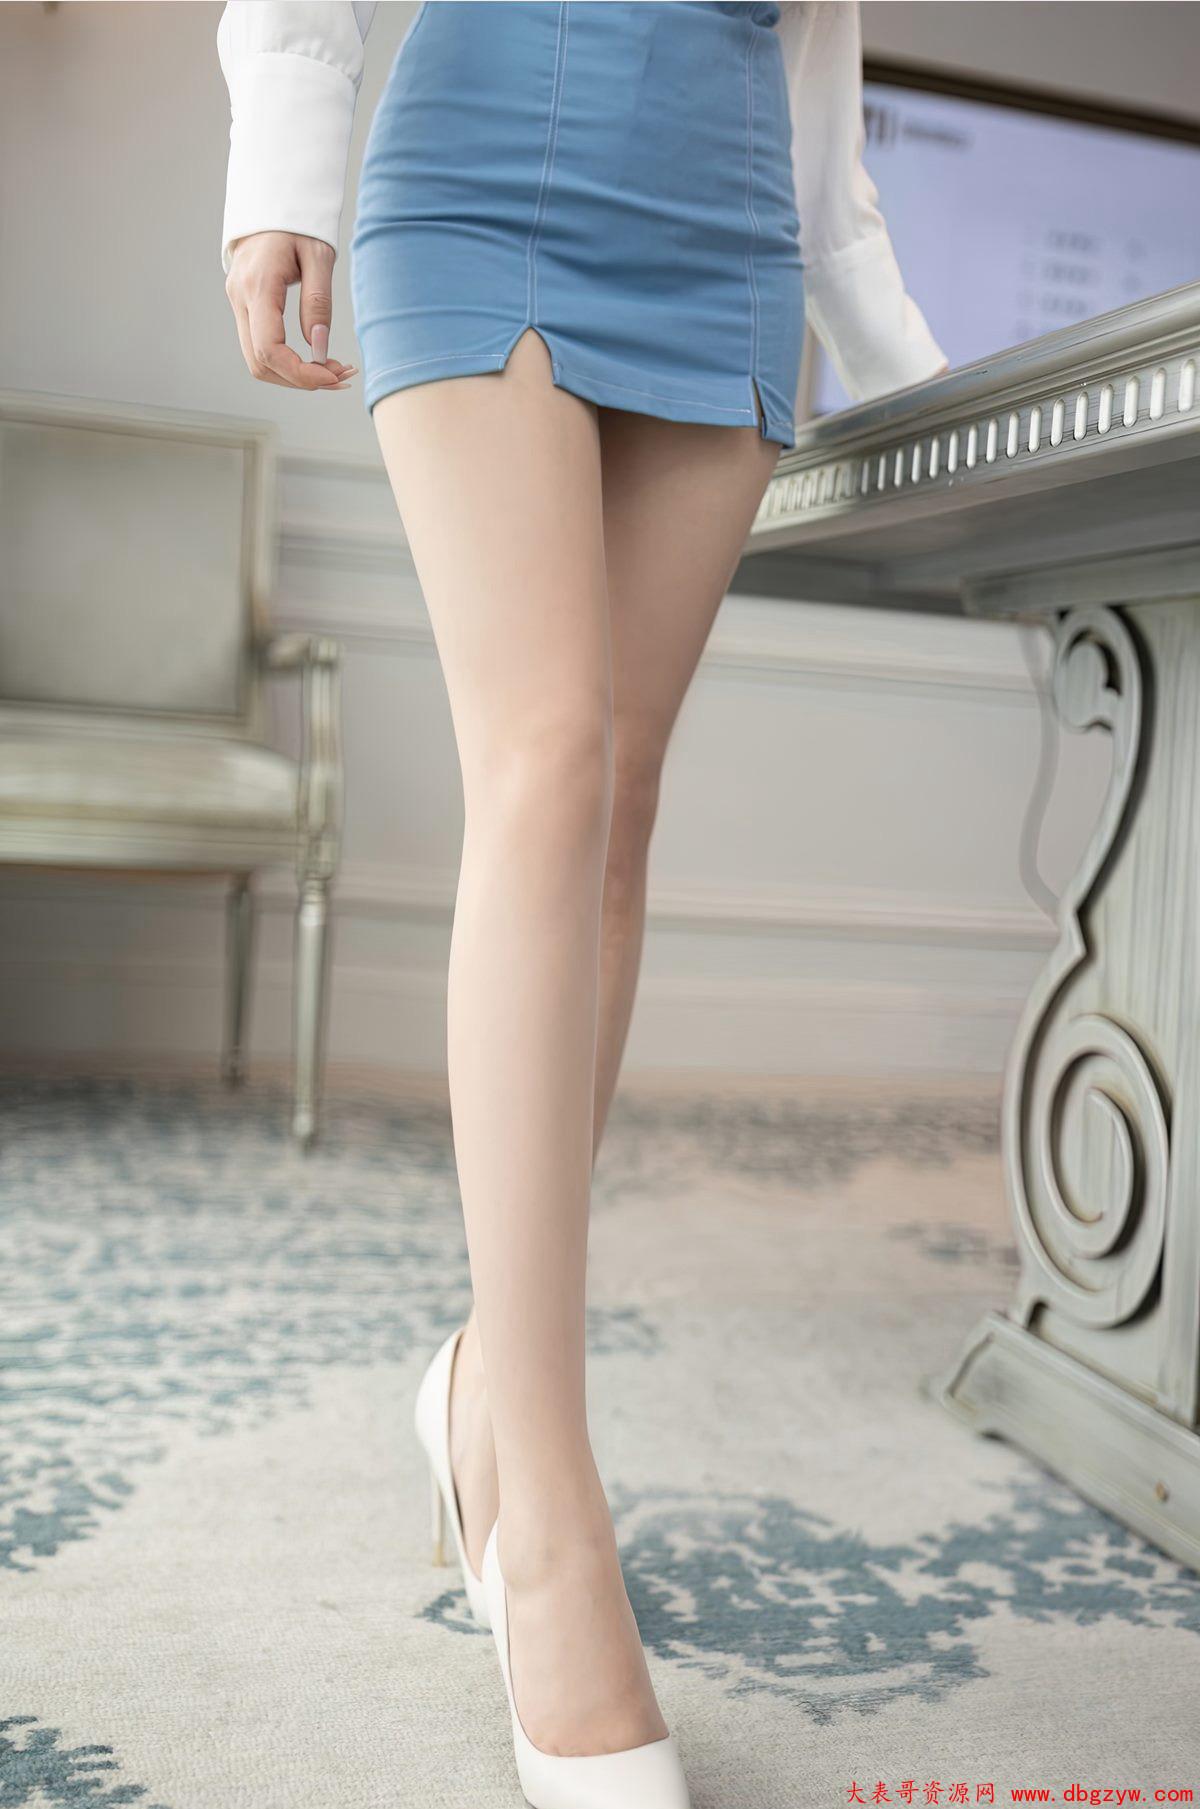 办公室秘书鱼子酱极品包臀裙风骚肉丝袜长腿丝袜美腿诱惑